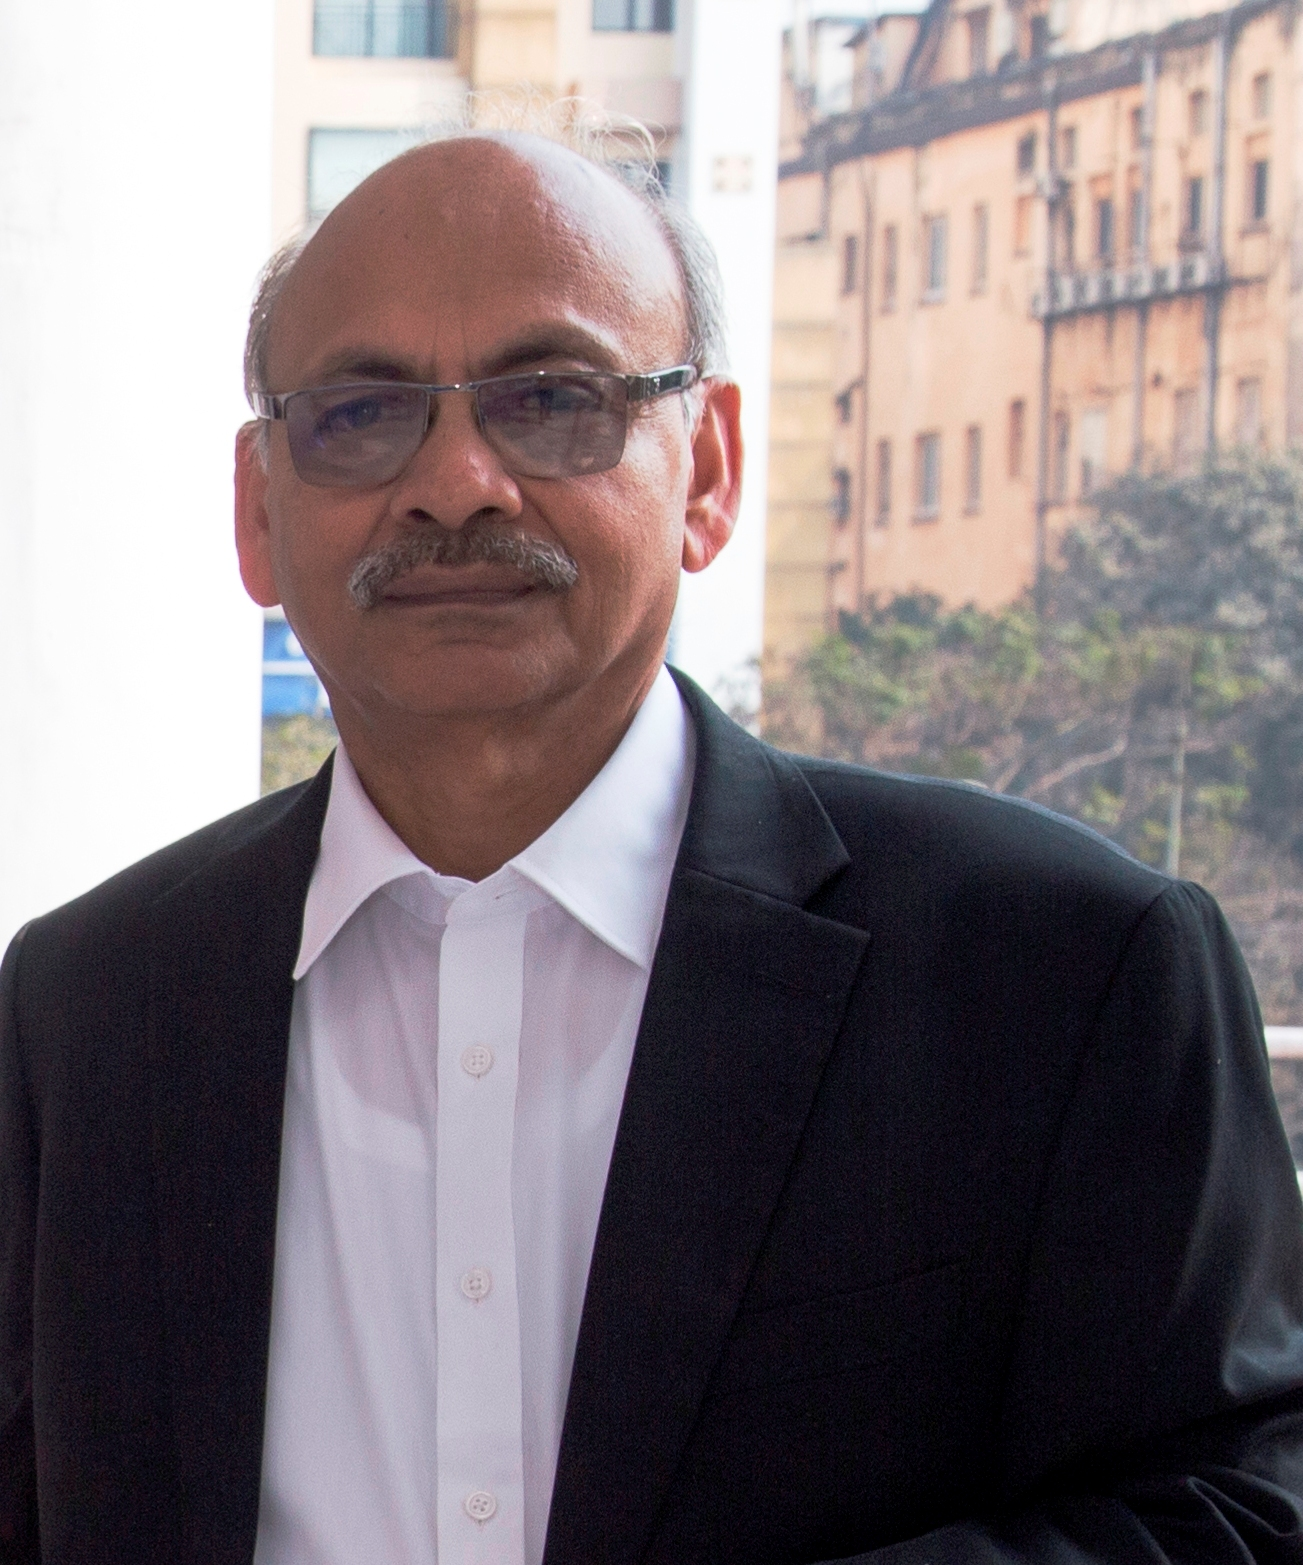 Debashish Mazumdar